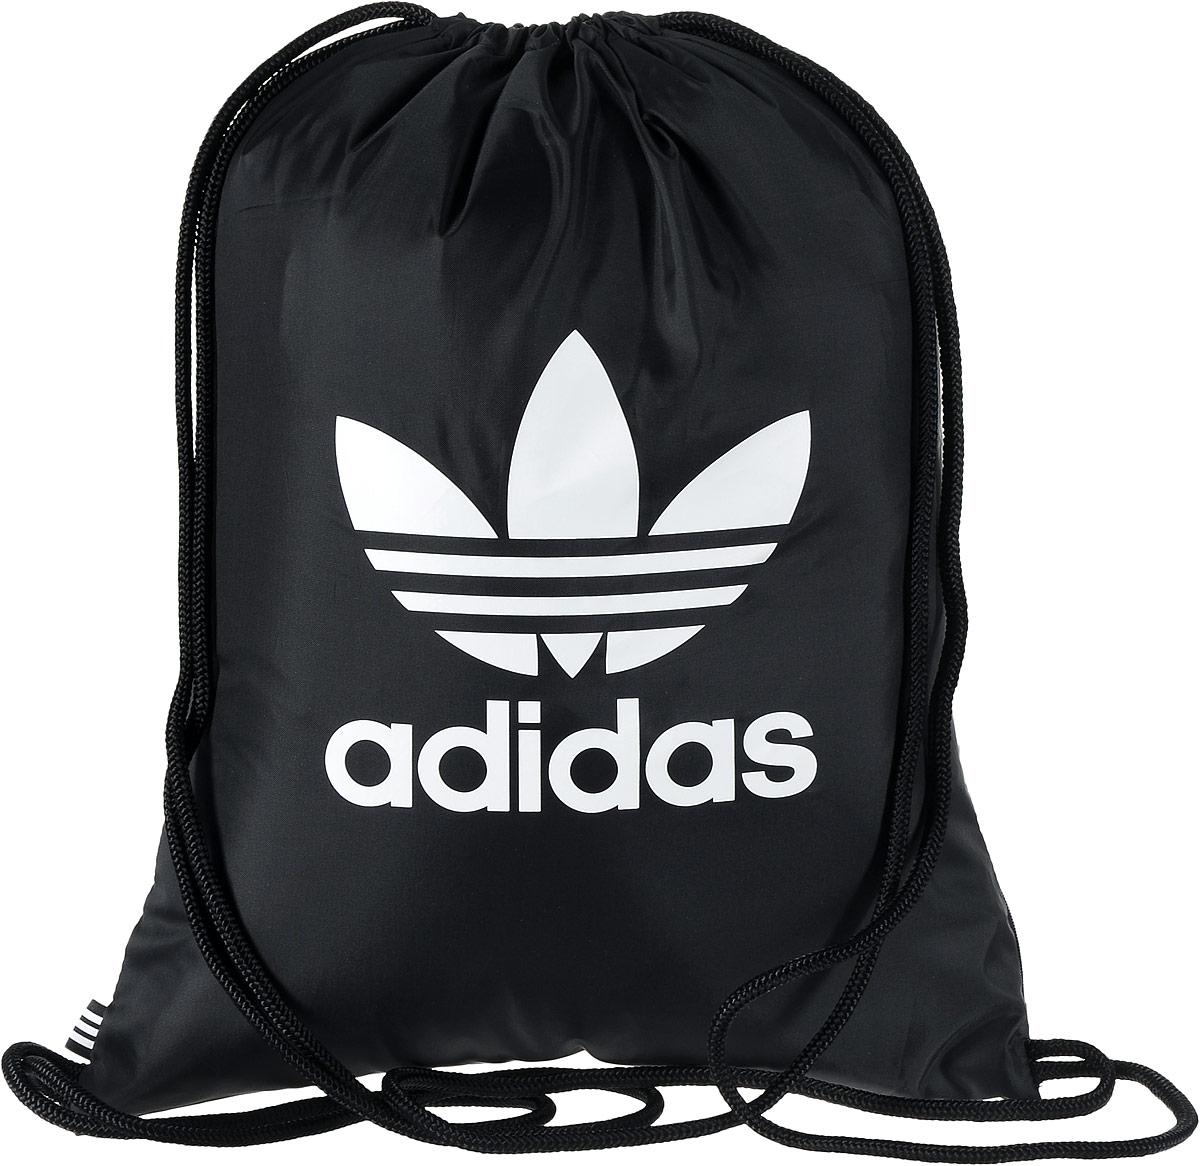 Рюкзак спортивный Adidas Trefoil, цвет: черный, 23 л. BK672600052653Стильный спортивный рюкзак Adidas Trefoil выполнен из полиэстера и оформлен символикой бренда. Изделие имеет одно основное отделение, которое закрывается с помощью затягивающего шнурка.С внутренней стороны изделие оснащено удобной ручкой для переноски. Снаружи, с одной из боковых сторон находится прорезной карман на застежке-молнии. Веревочные завязки можно использовать как наплечные лямки. Стильный и функциональный рюкзак поместит все необходимое.